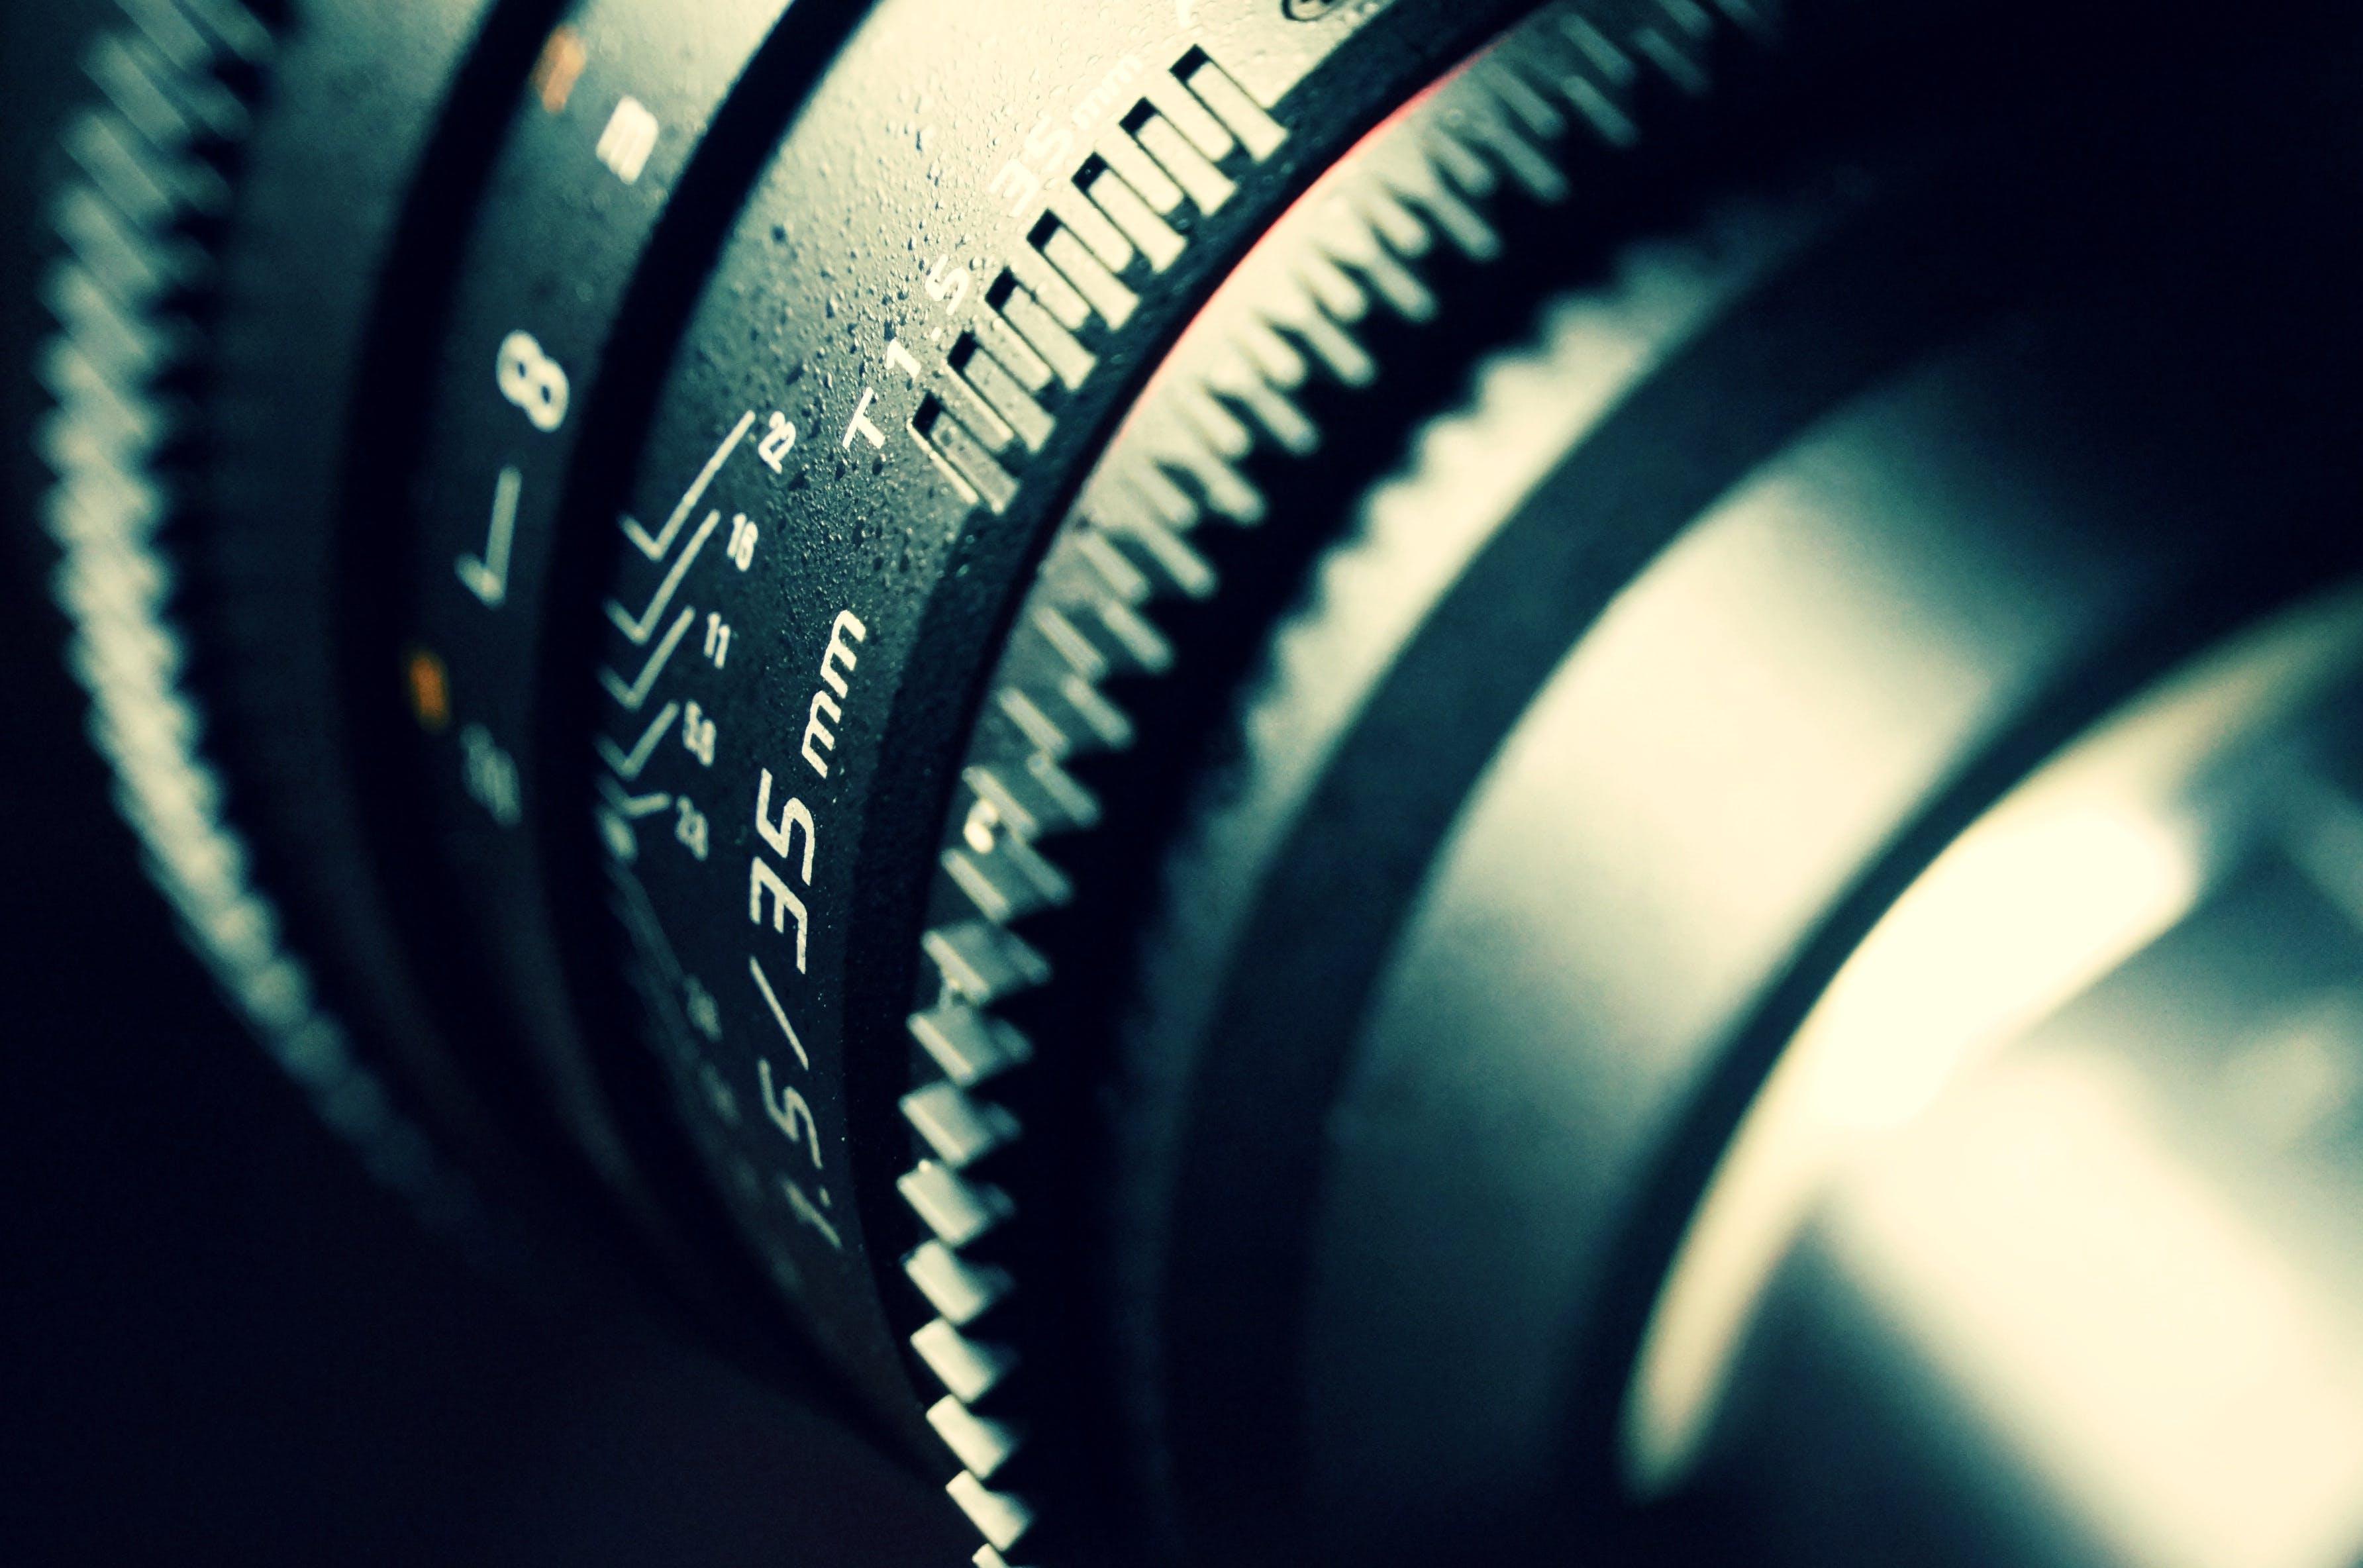 camera, camera lens, close-up